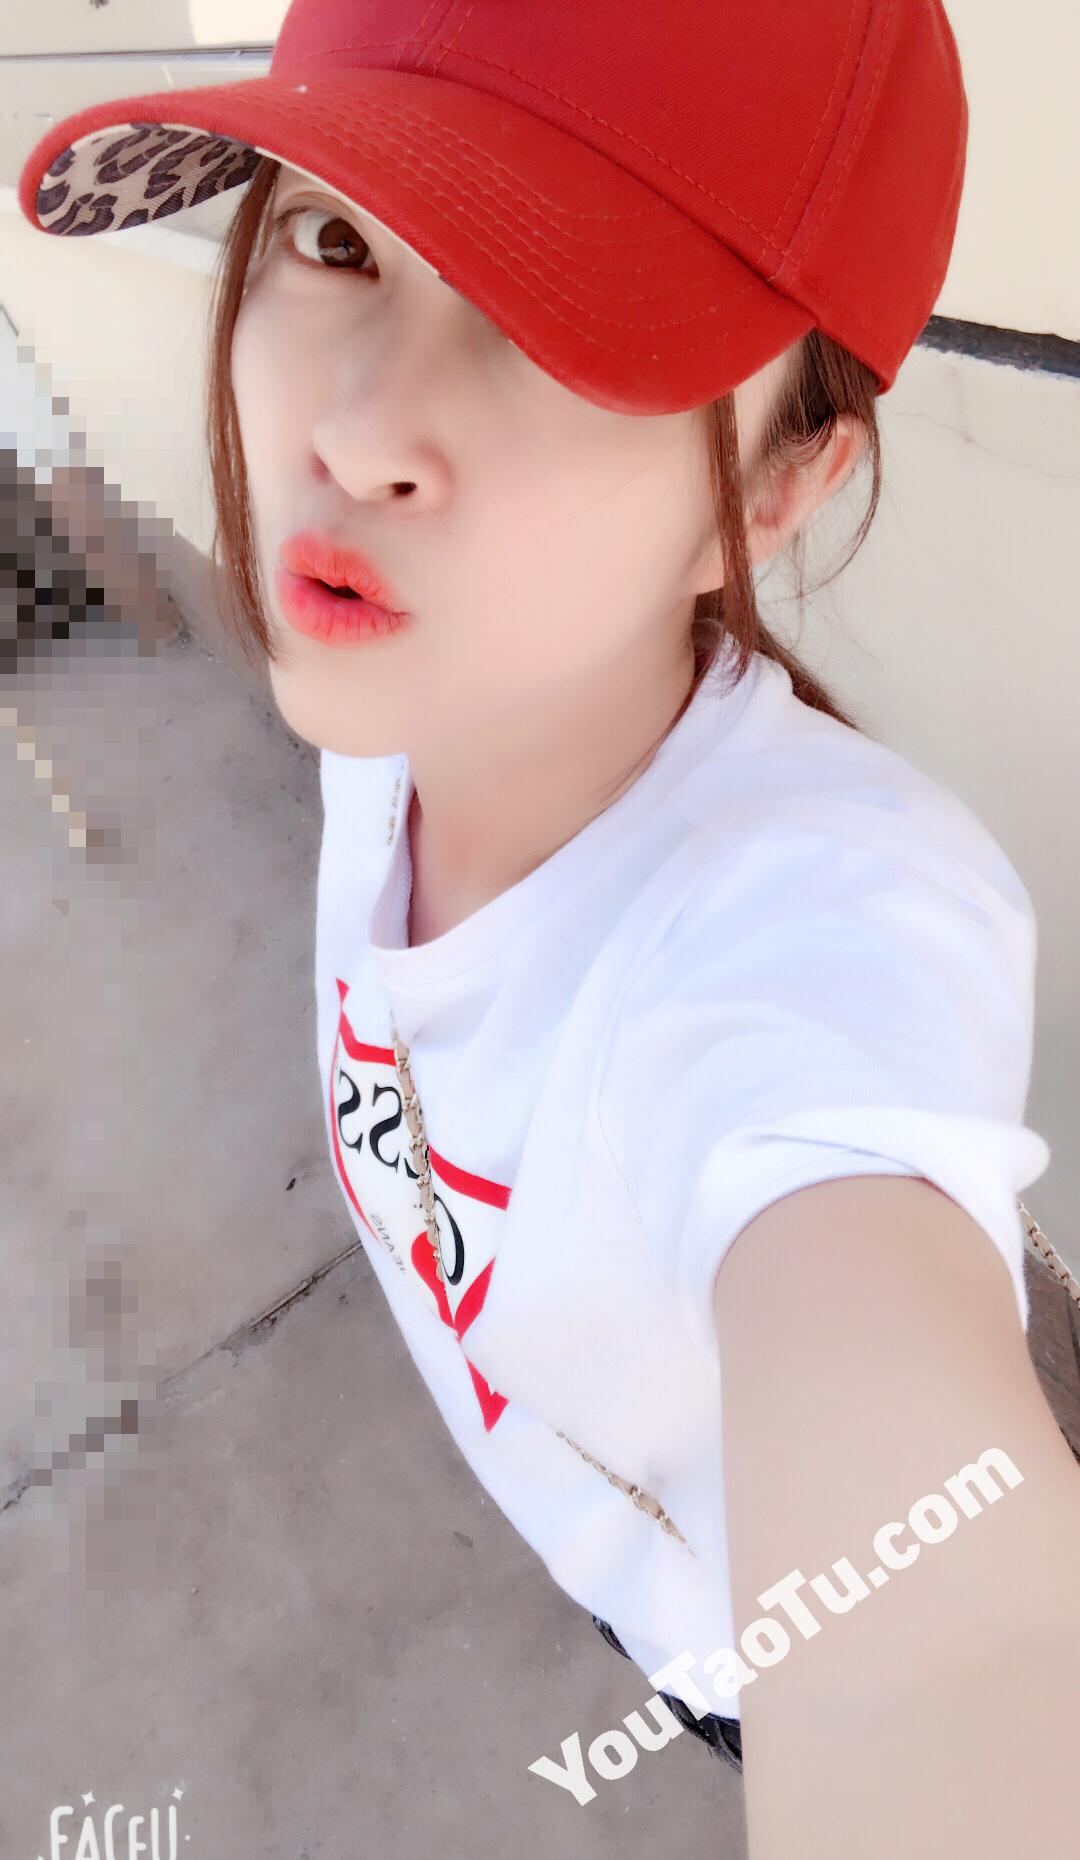 W23_女套图221照片+0视频(青春网红脸时尚)-6